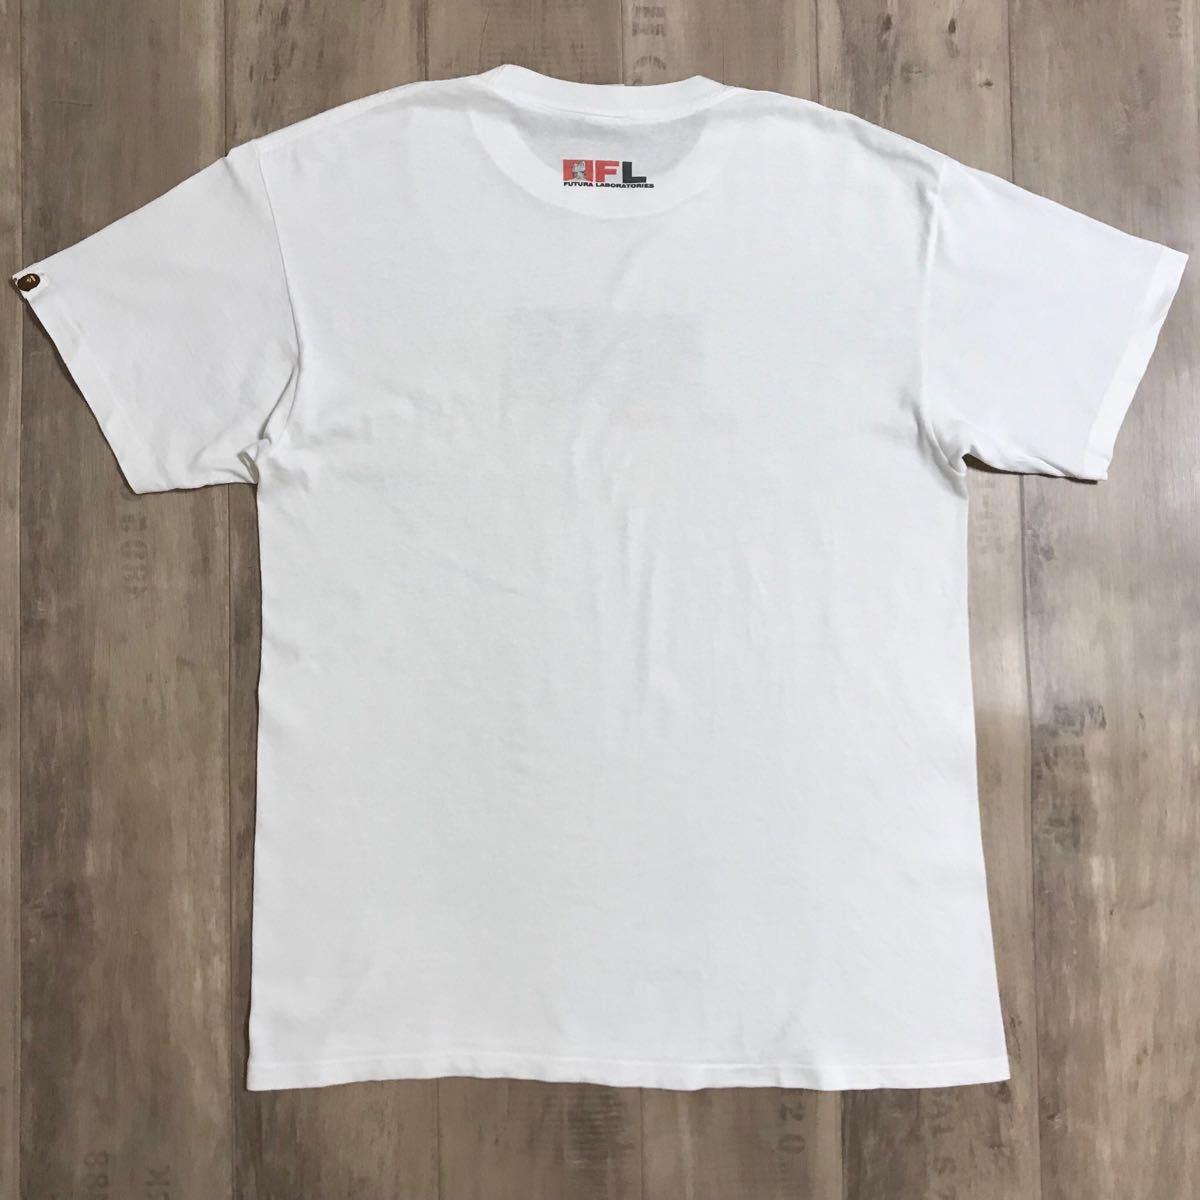 ★激レア★ 初期 futura unkle Tシャツ L anvil a bathing ape bape ベイプ 90s オールド ビンテージ stash oneita nowhere 裏原宿 kaws_画像3